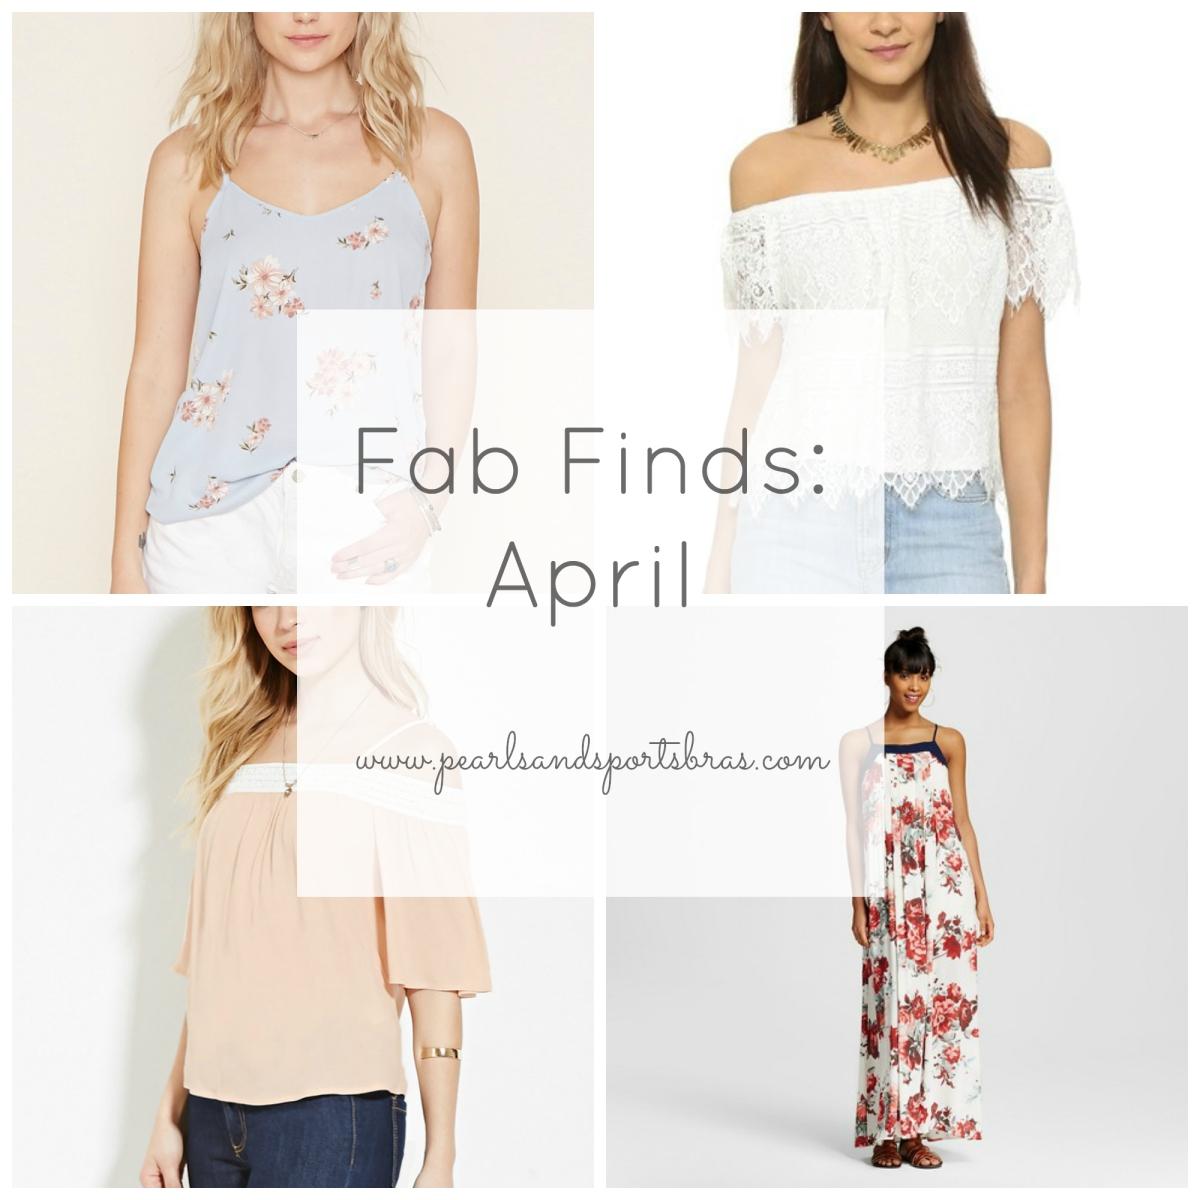 Fab Finds: April 2016 |www.pearlsandsportsbras.com|